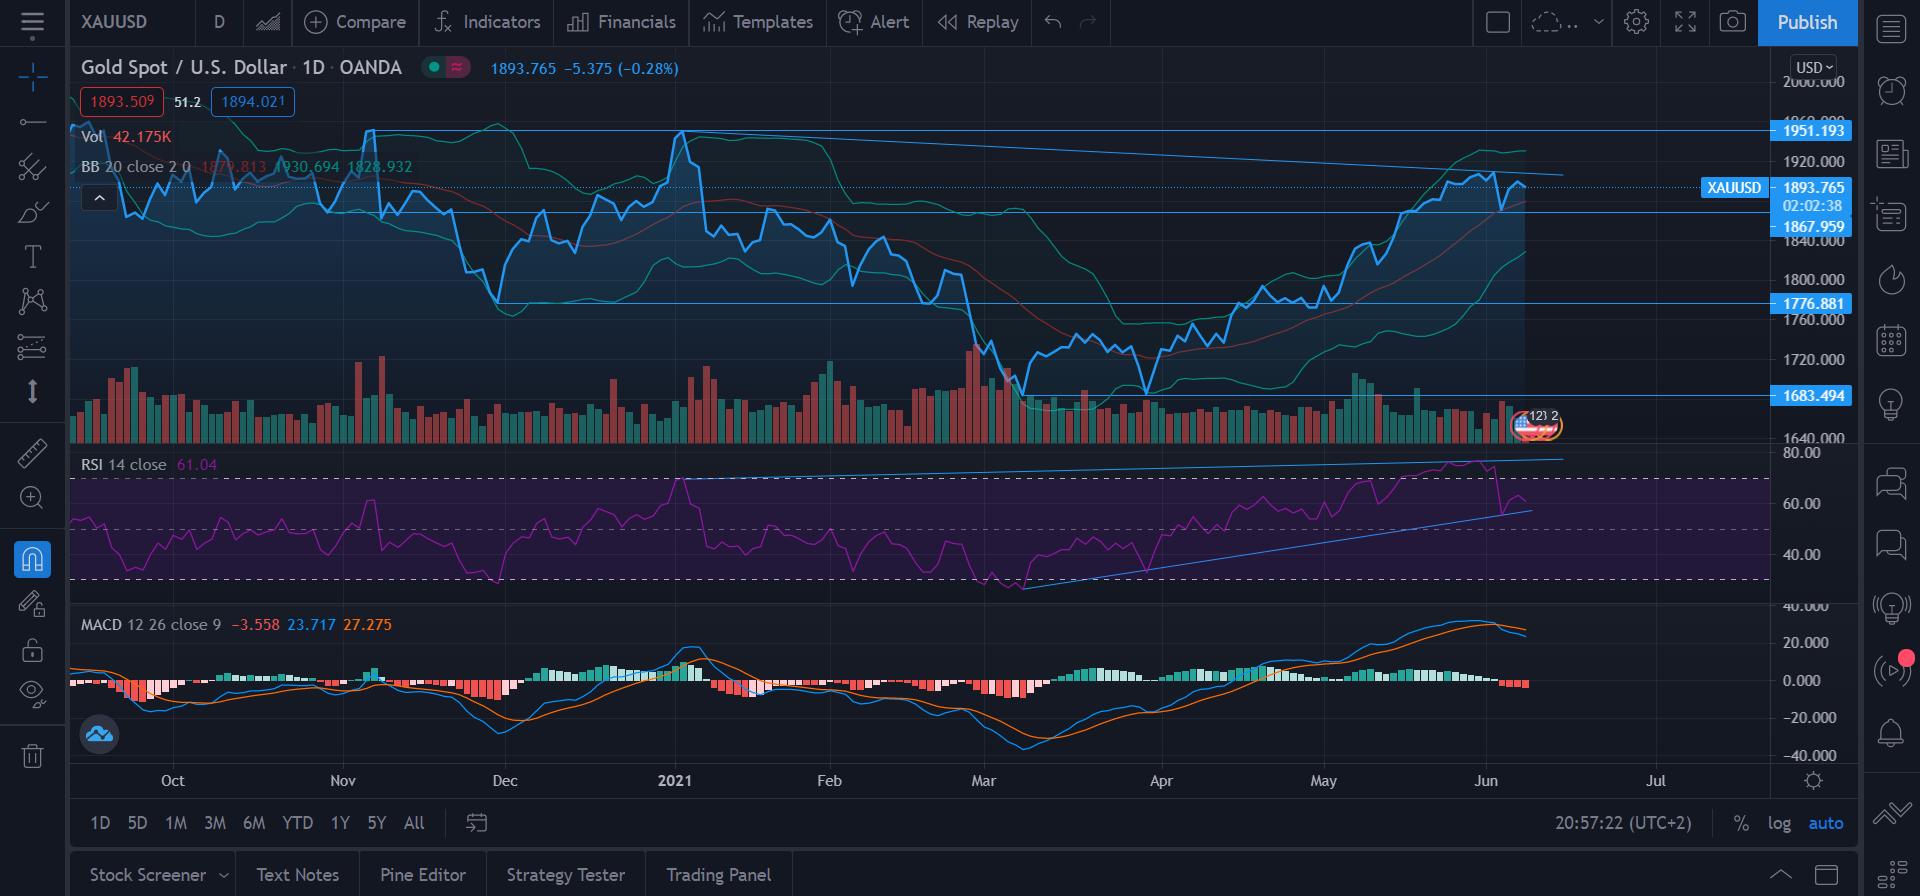 gull kjøpe teknisk analyse tips trading